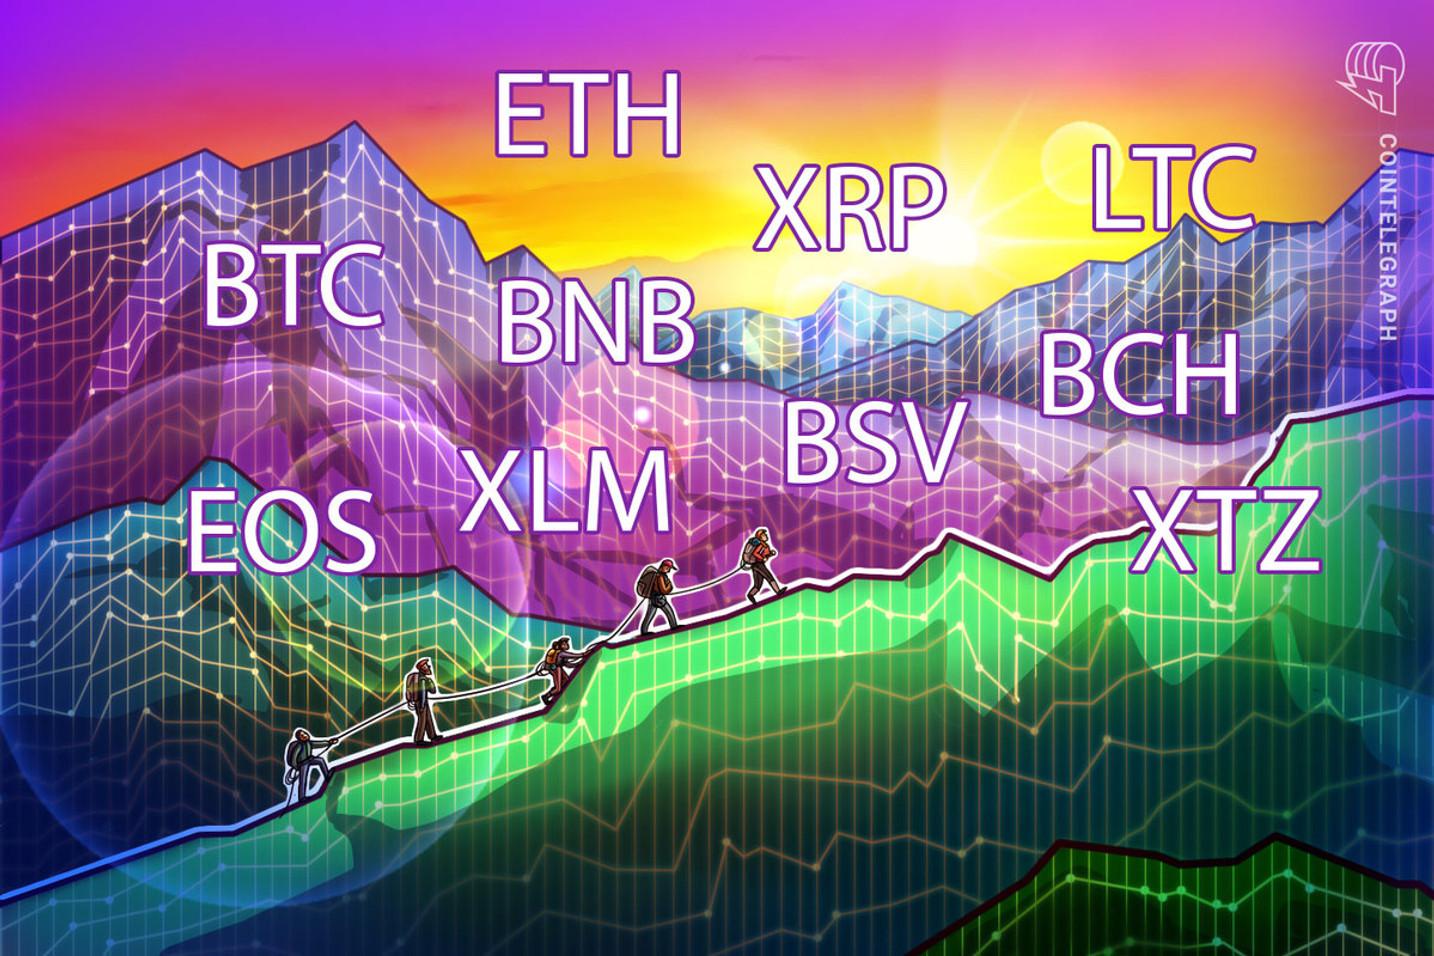 静観組の参加はいつ?仮想通貨ビットコイン・イーサ・XRP(リップル)のテクニカル分析【価格予想】